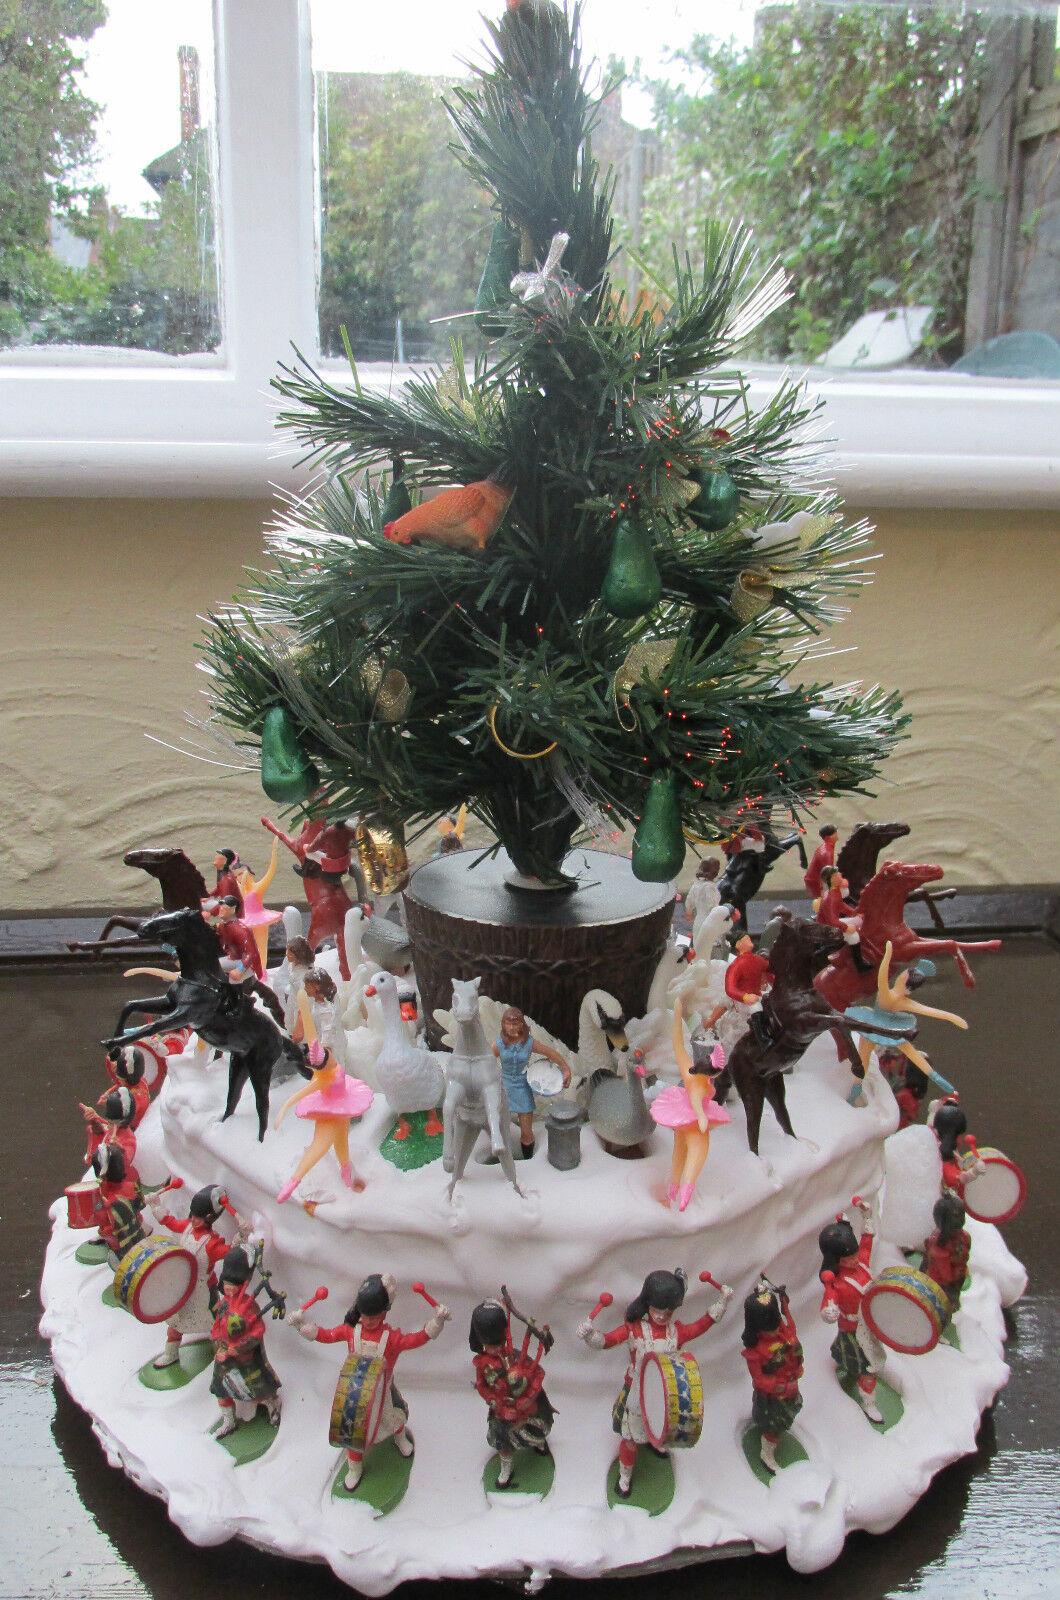 12 días de Decoración de Navidad pieza central de Mesa masiva todos los días figuras